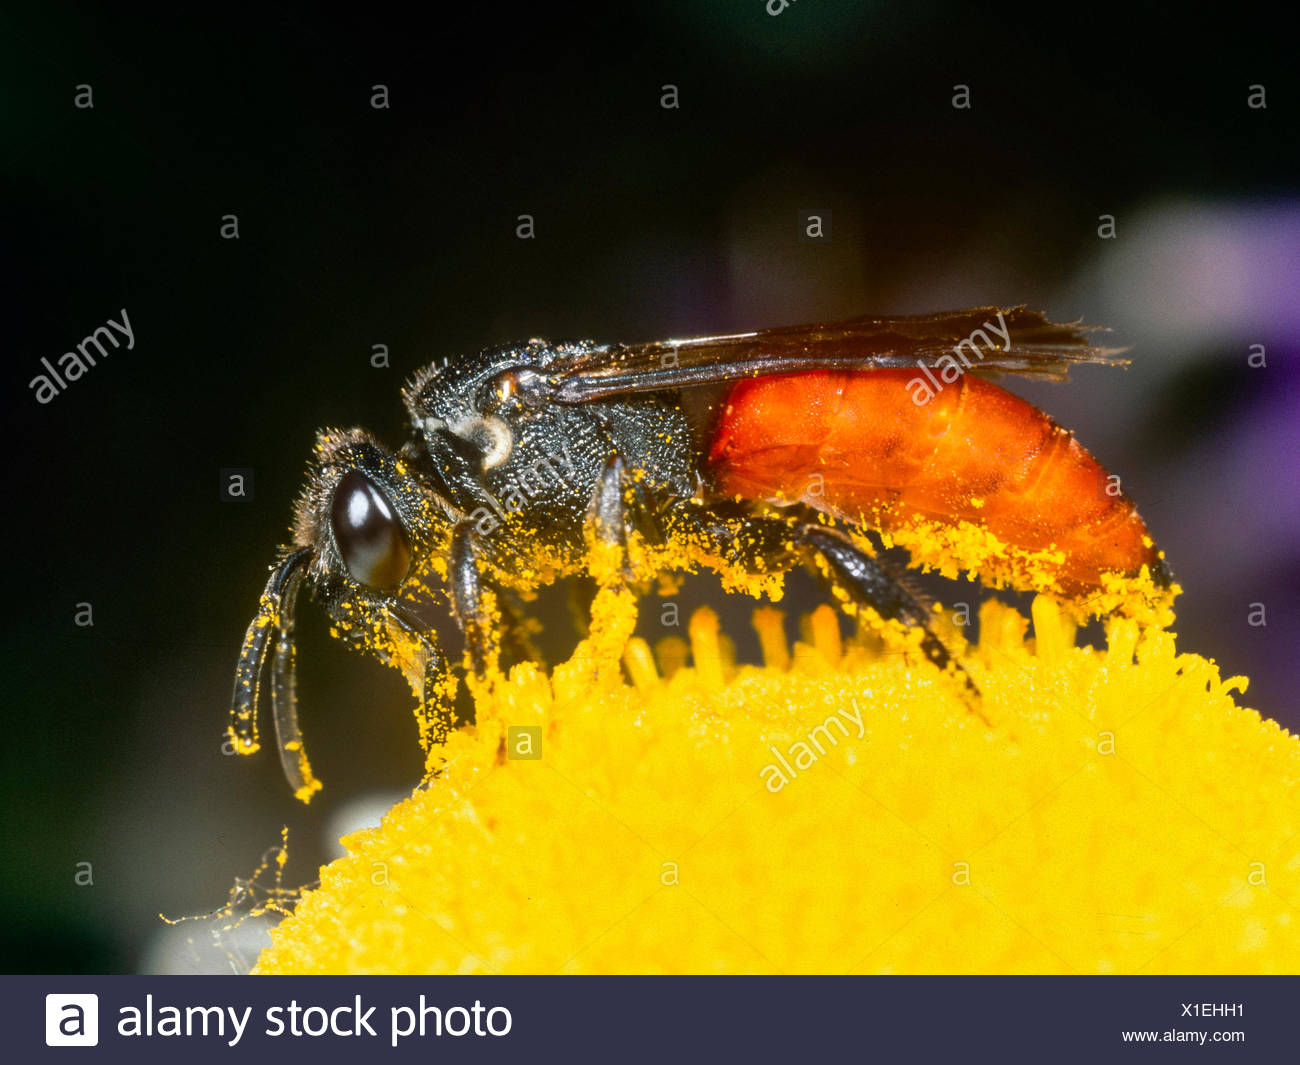 Grosse Blutbiene, Grosse Blut-Biene (Sphecodes albilabris), Weibchen bei der Nektaraufnahme auf Margerite (Leucanthemum vulgare) - Stock Image